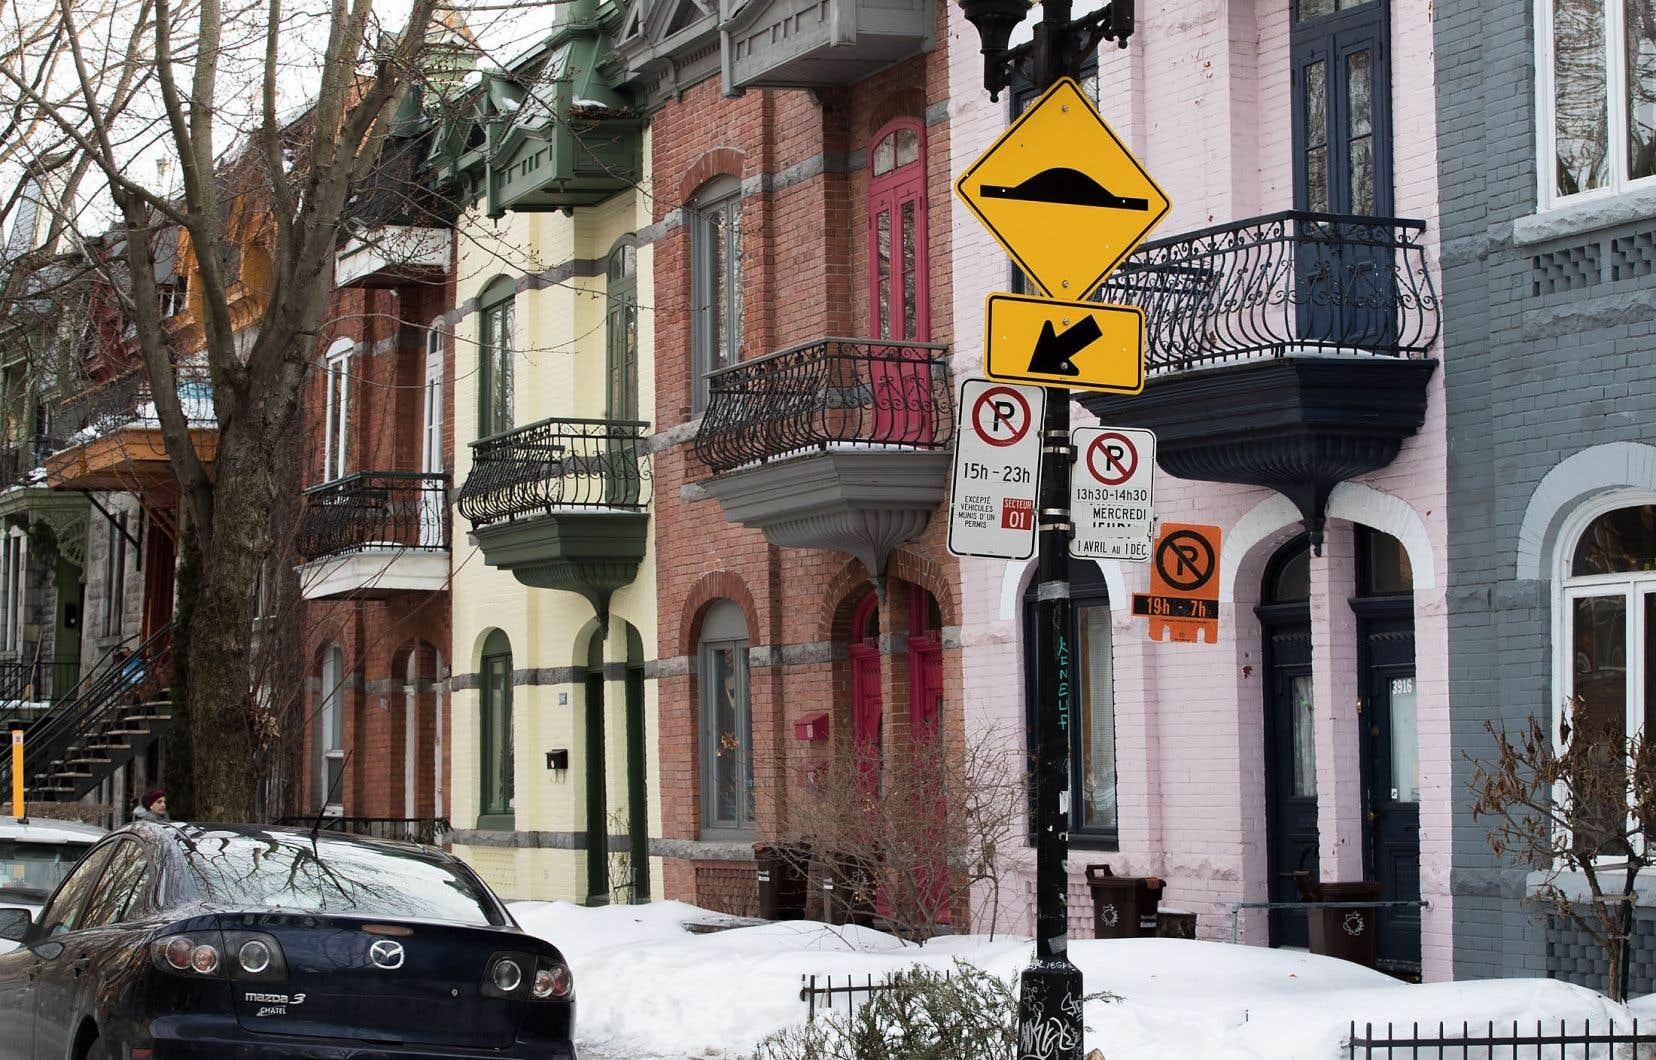 Malgré des ventes plus fortes que prévu au Québec, l'Association canadienne de l'immeuble s'attend à ce que les ventes résidentielles à l'échelle canadienne baissent de 11,2% cette année, à 458200 propriétés.